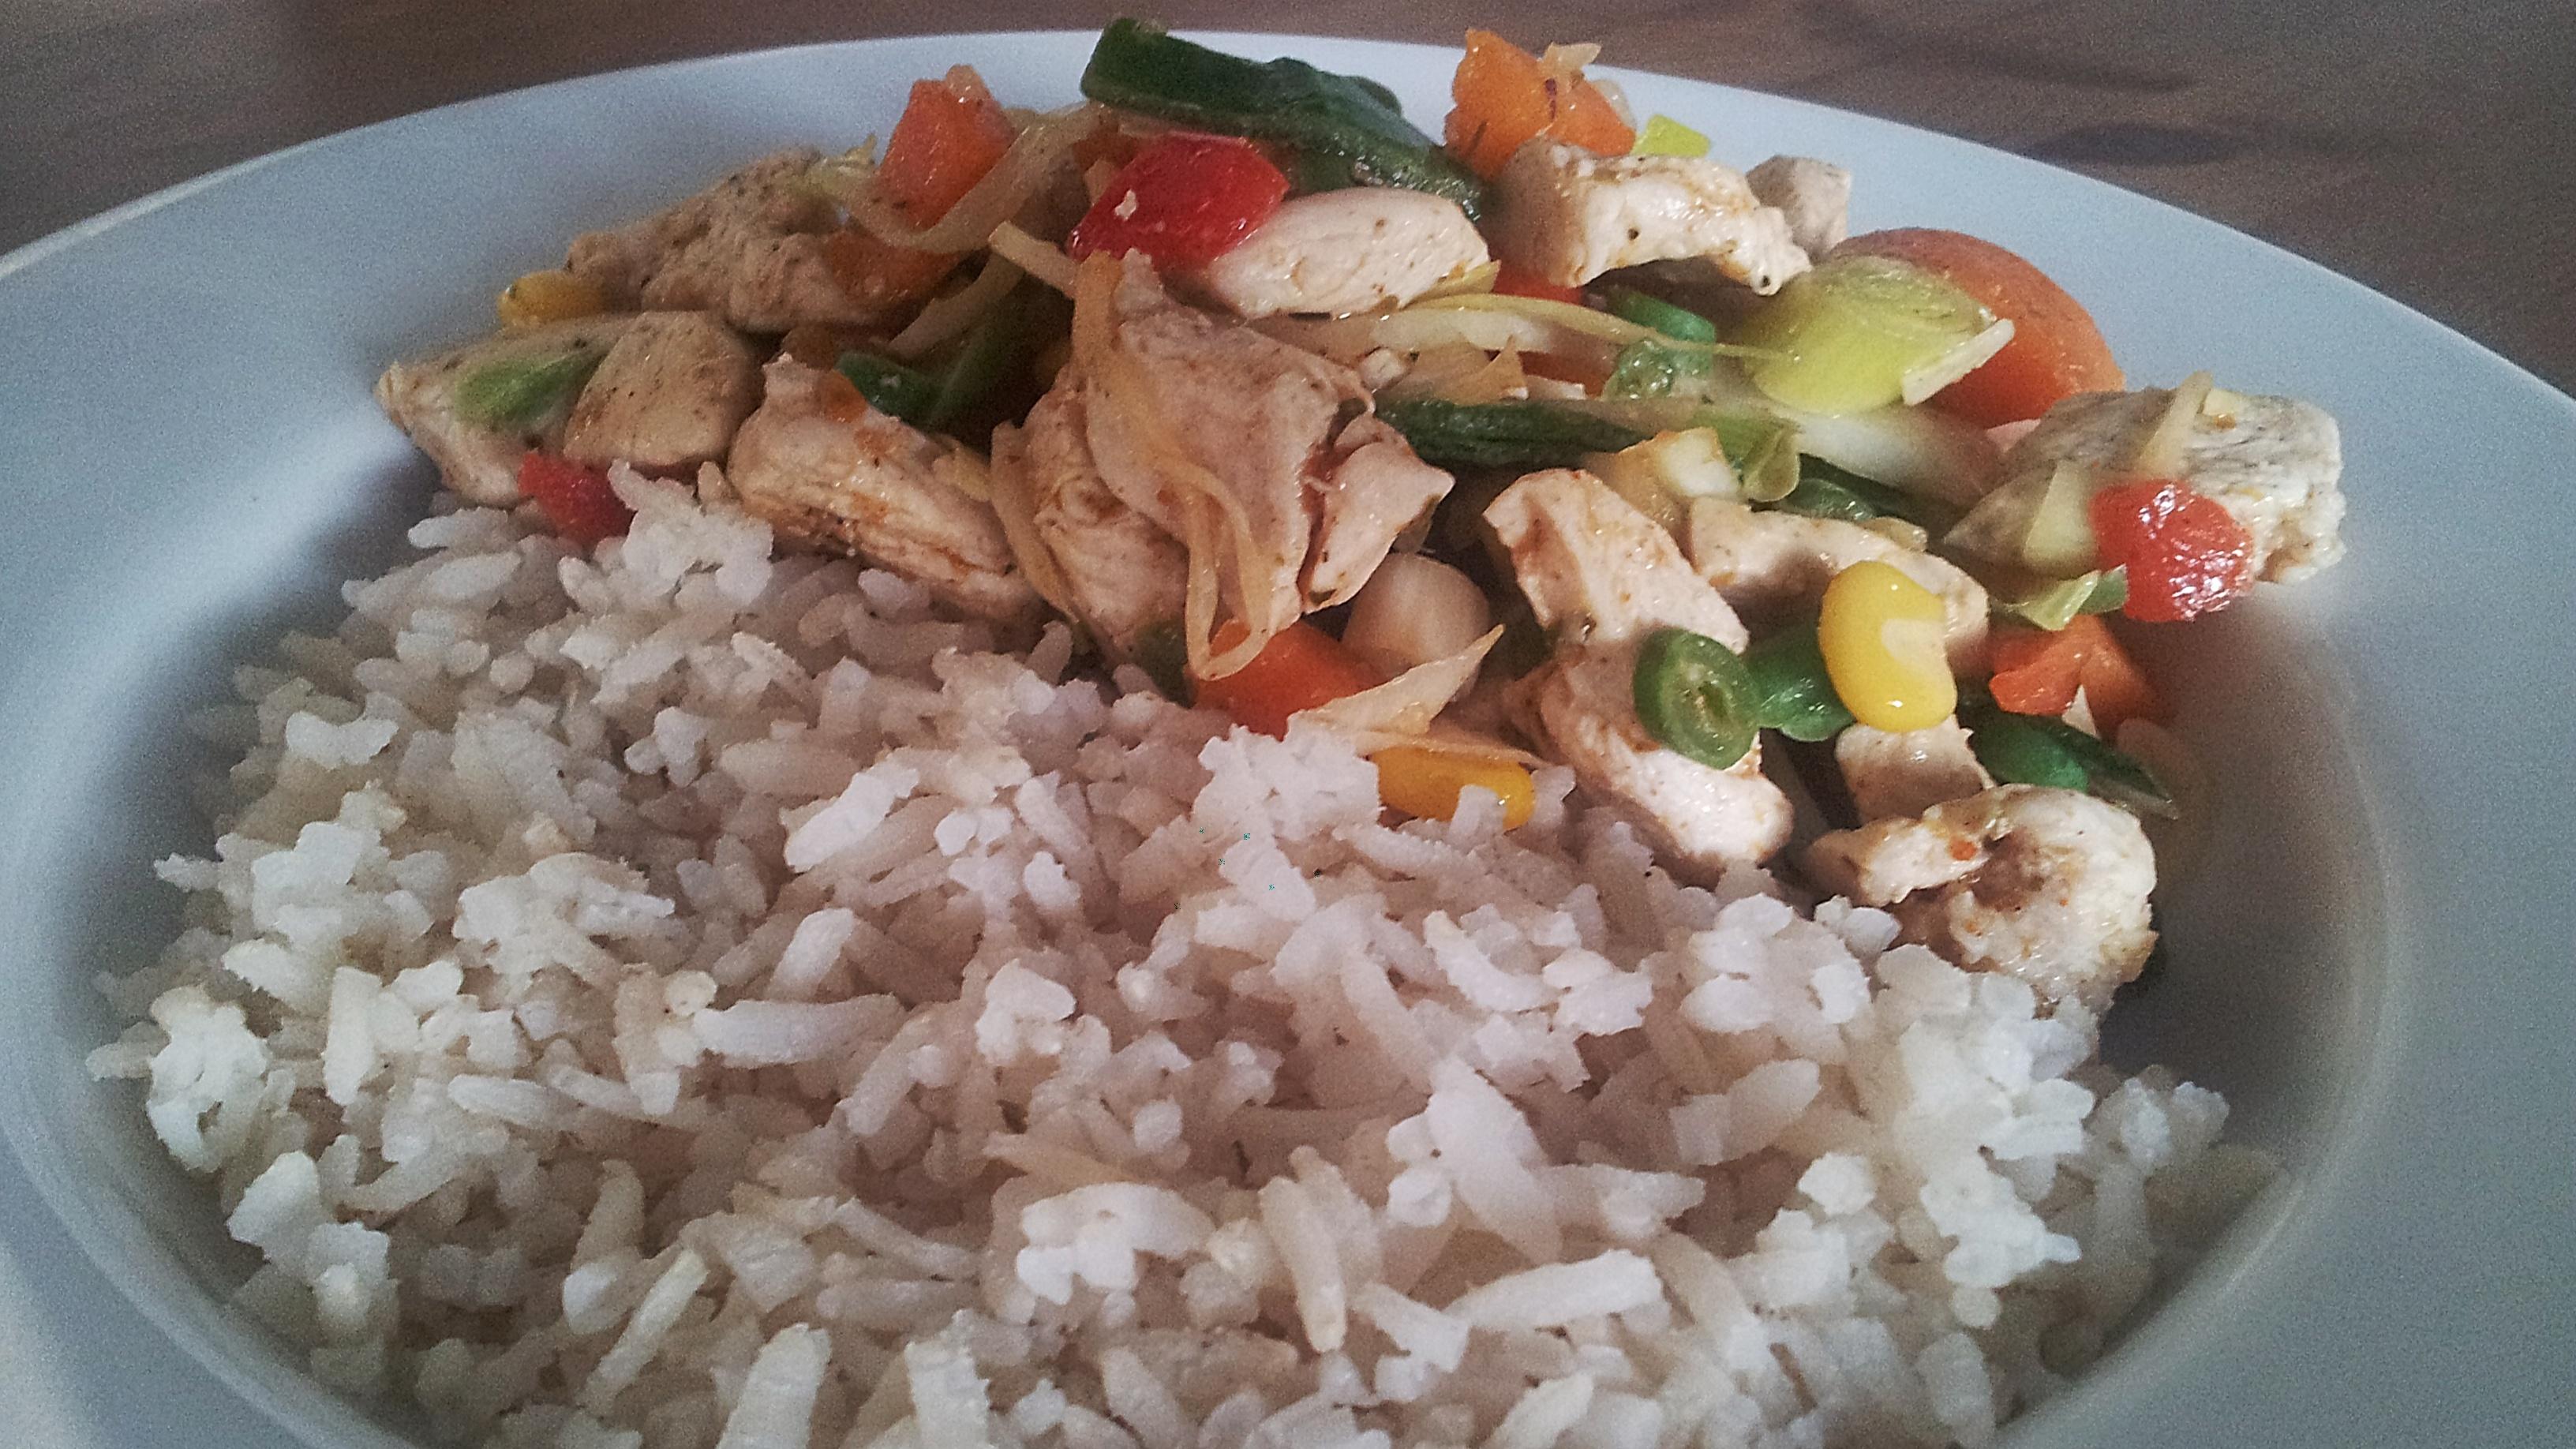 Amerikaanse Keuken Maten Omrekenen : Dit gerecht kost even wat tijd wat betreft het marineren van het